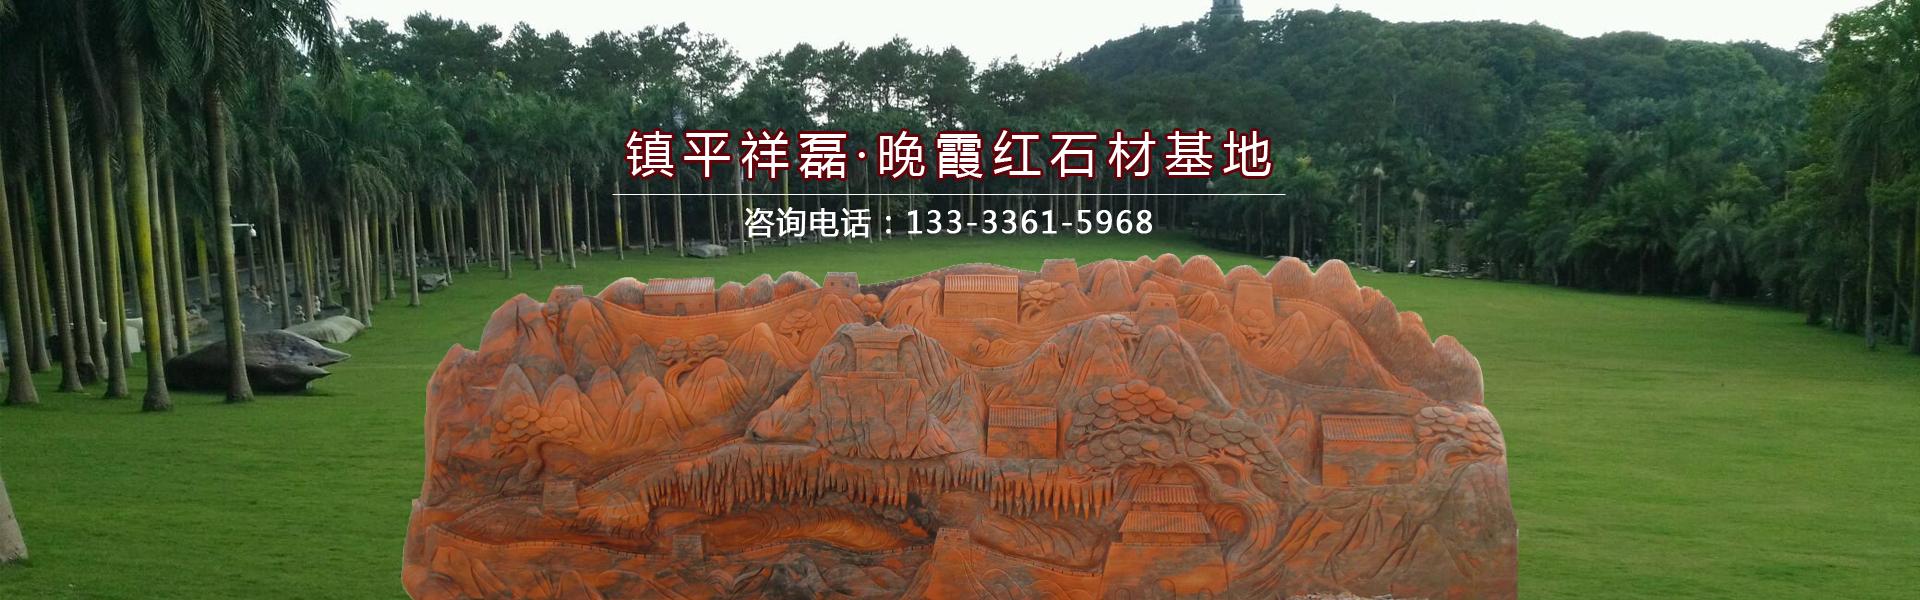 祥磊晚霞红景观石